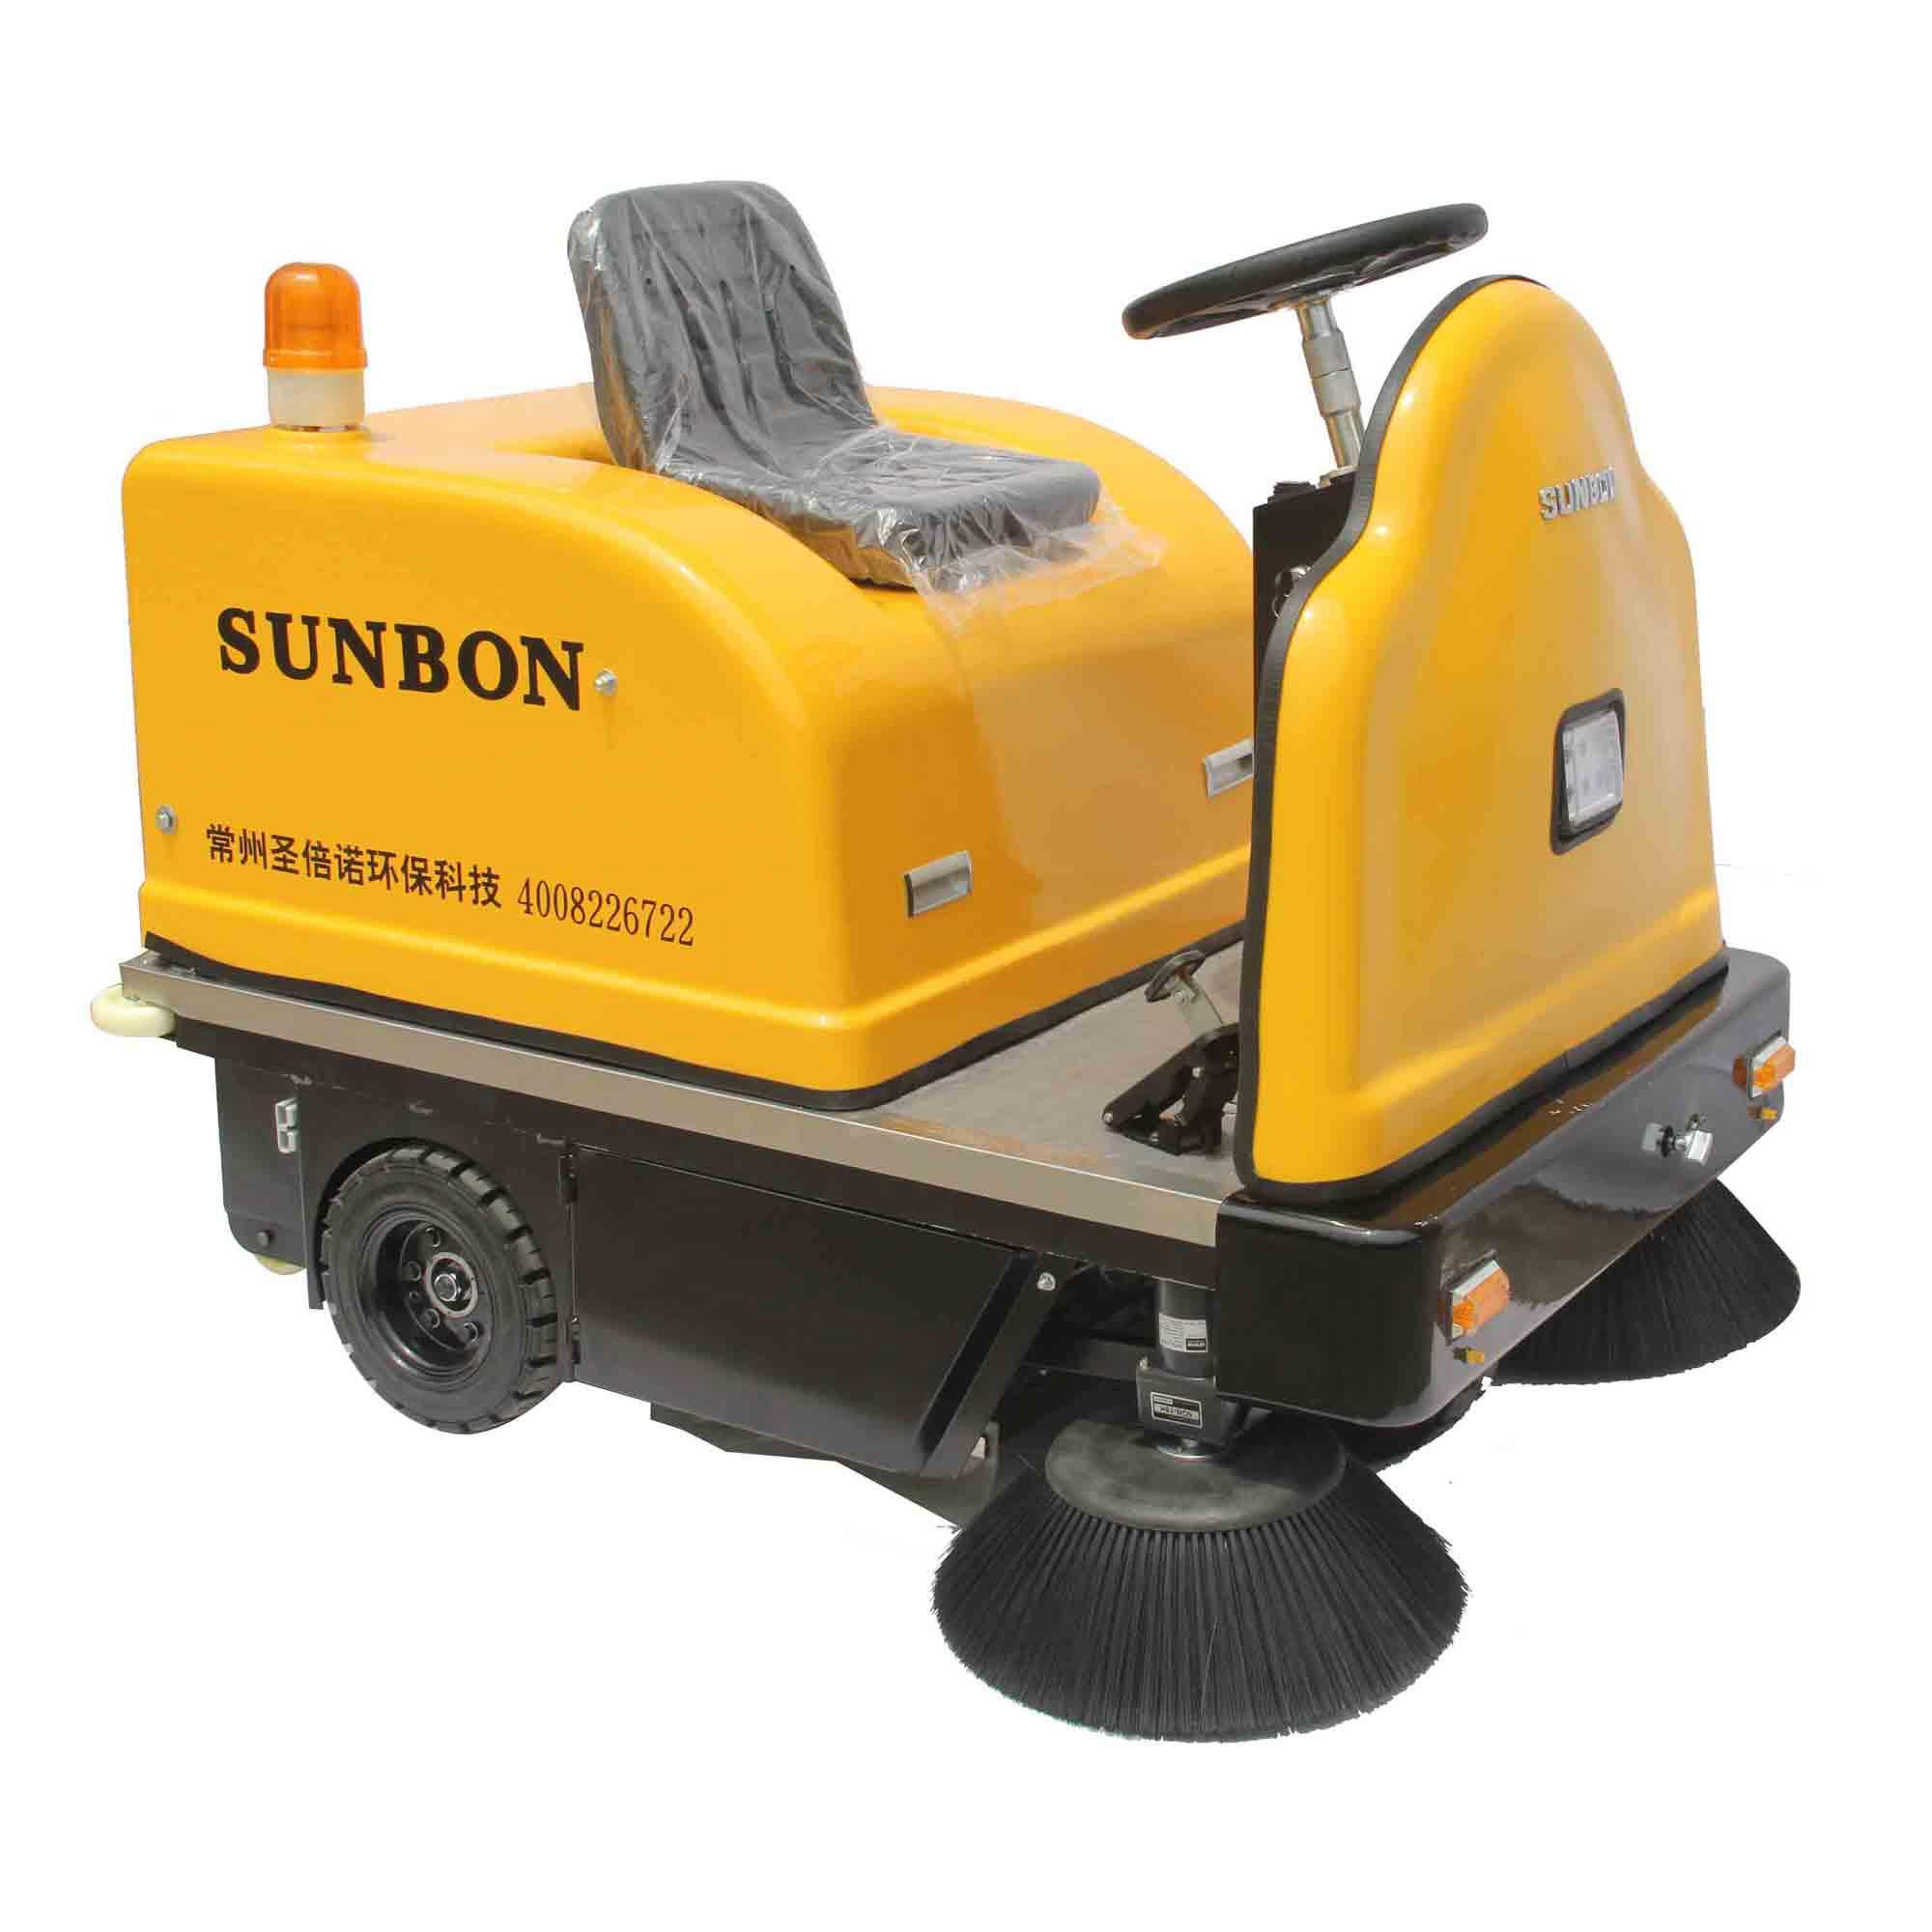 常州電動掃地機制造商